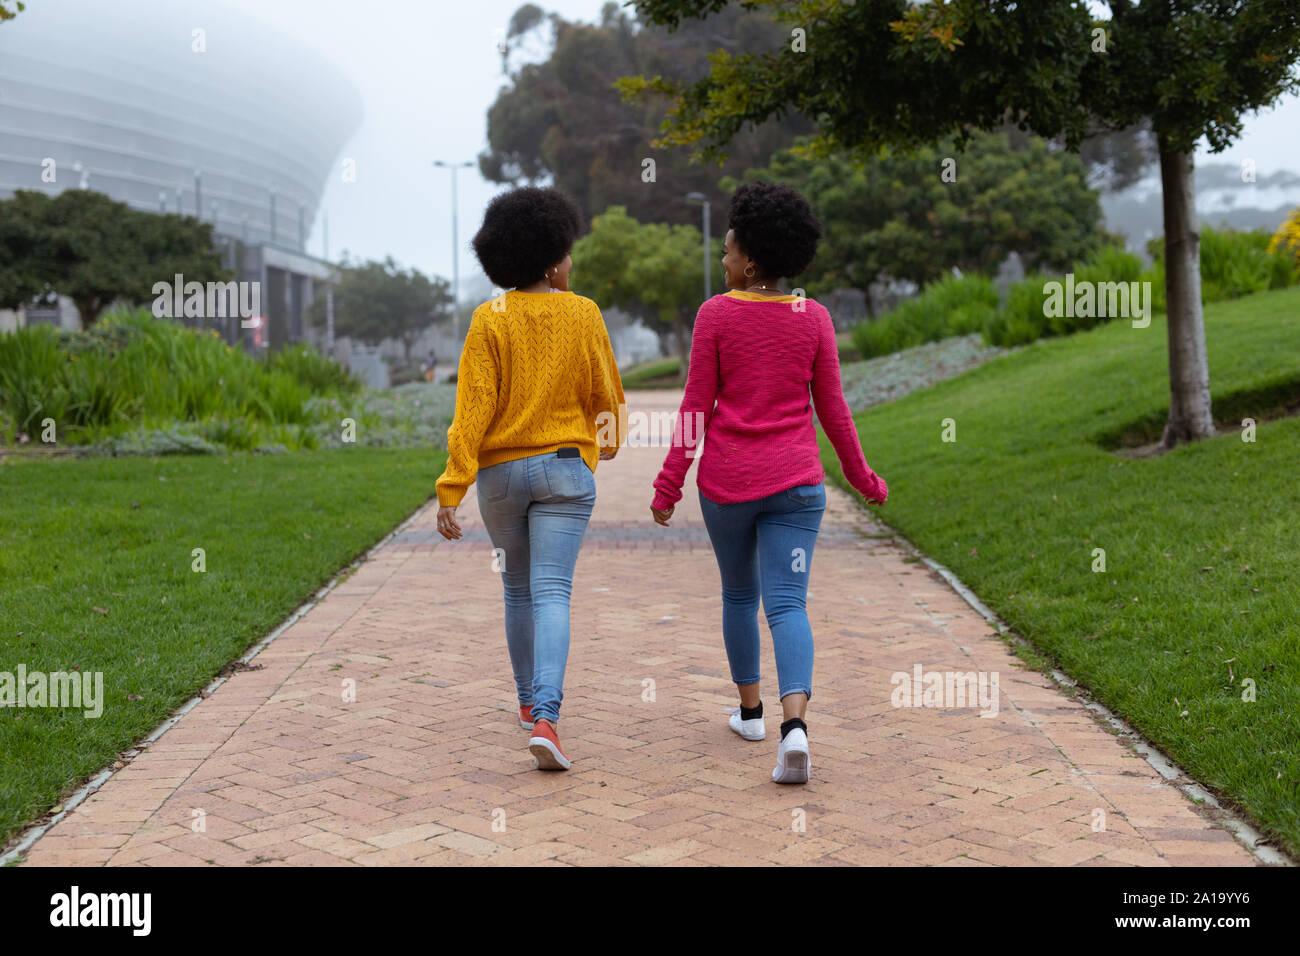 Deux jeunes femmes marchant ensemble dans un parc Banque D'Images